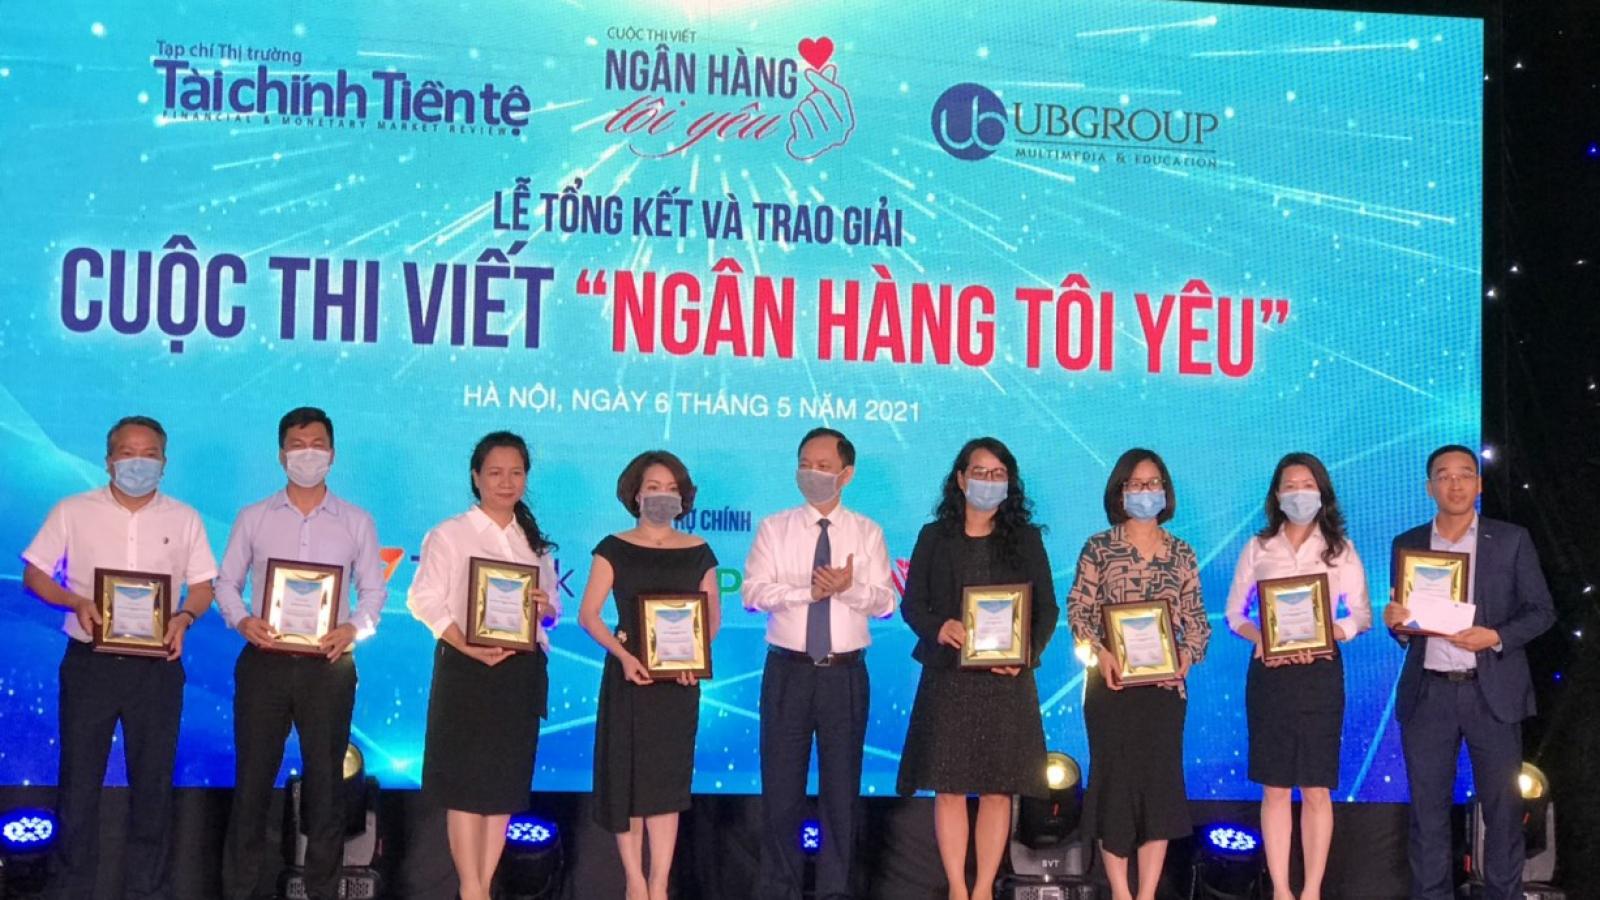 """Trao giải cuộc thi viết """"Ngân hàng tôi yêu"""" dịp kỷ niệm 70 năm Ngân hàng Việt Nam"""